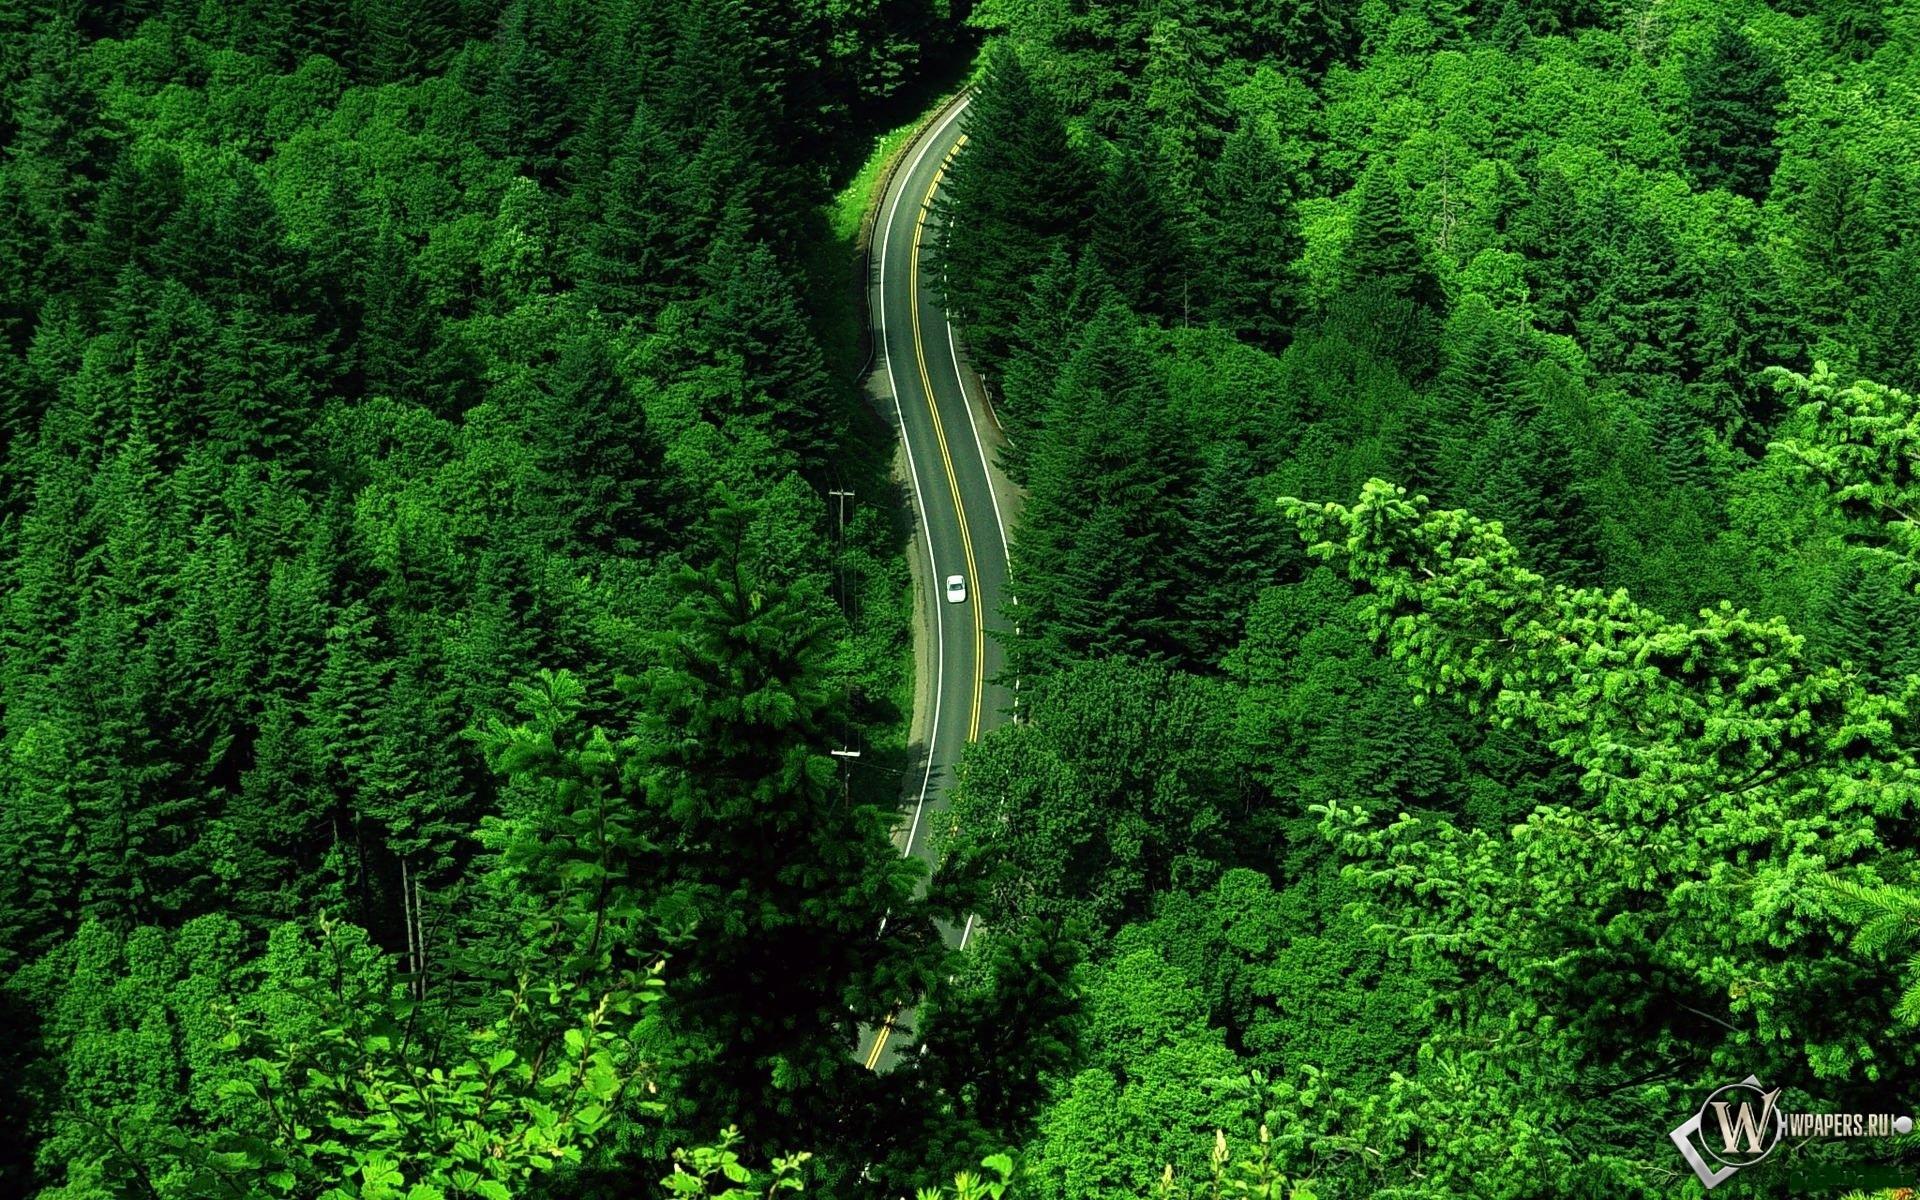 Дорога в лесу 1920x1200